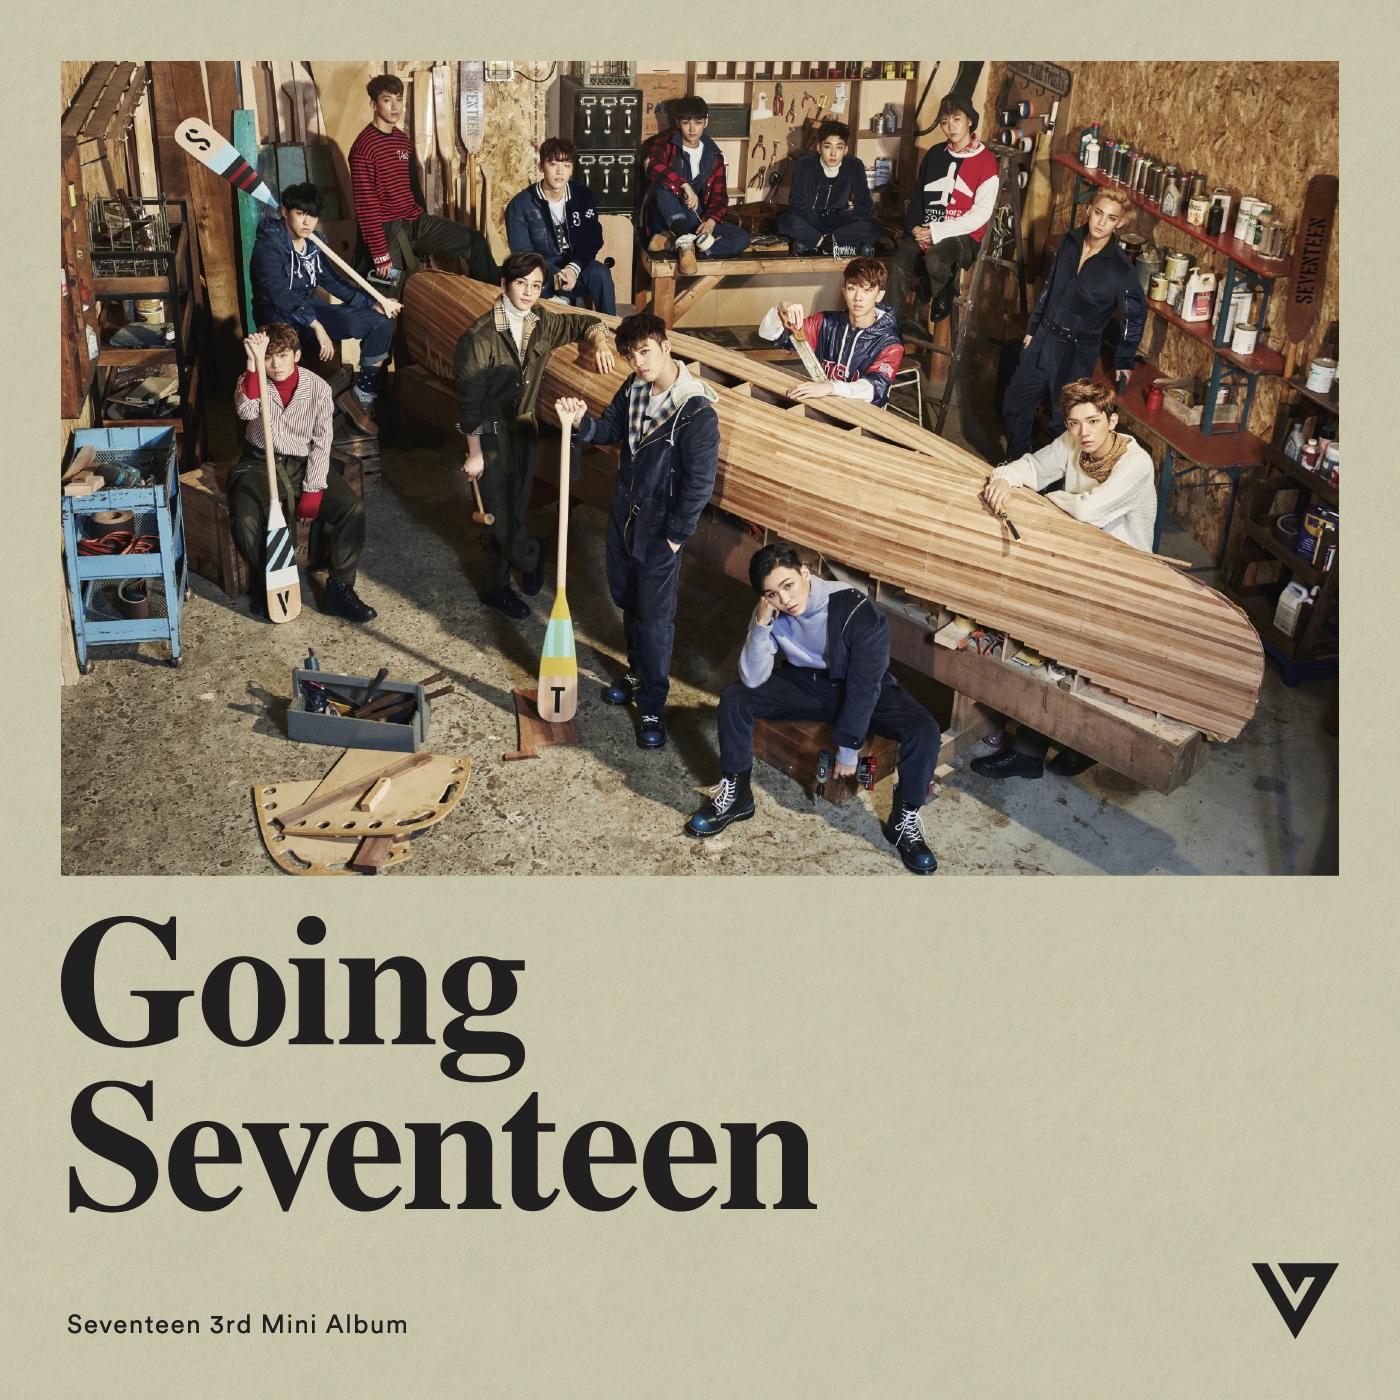 Download Lagu Seventeen Terbaru